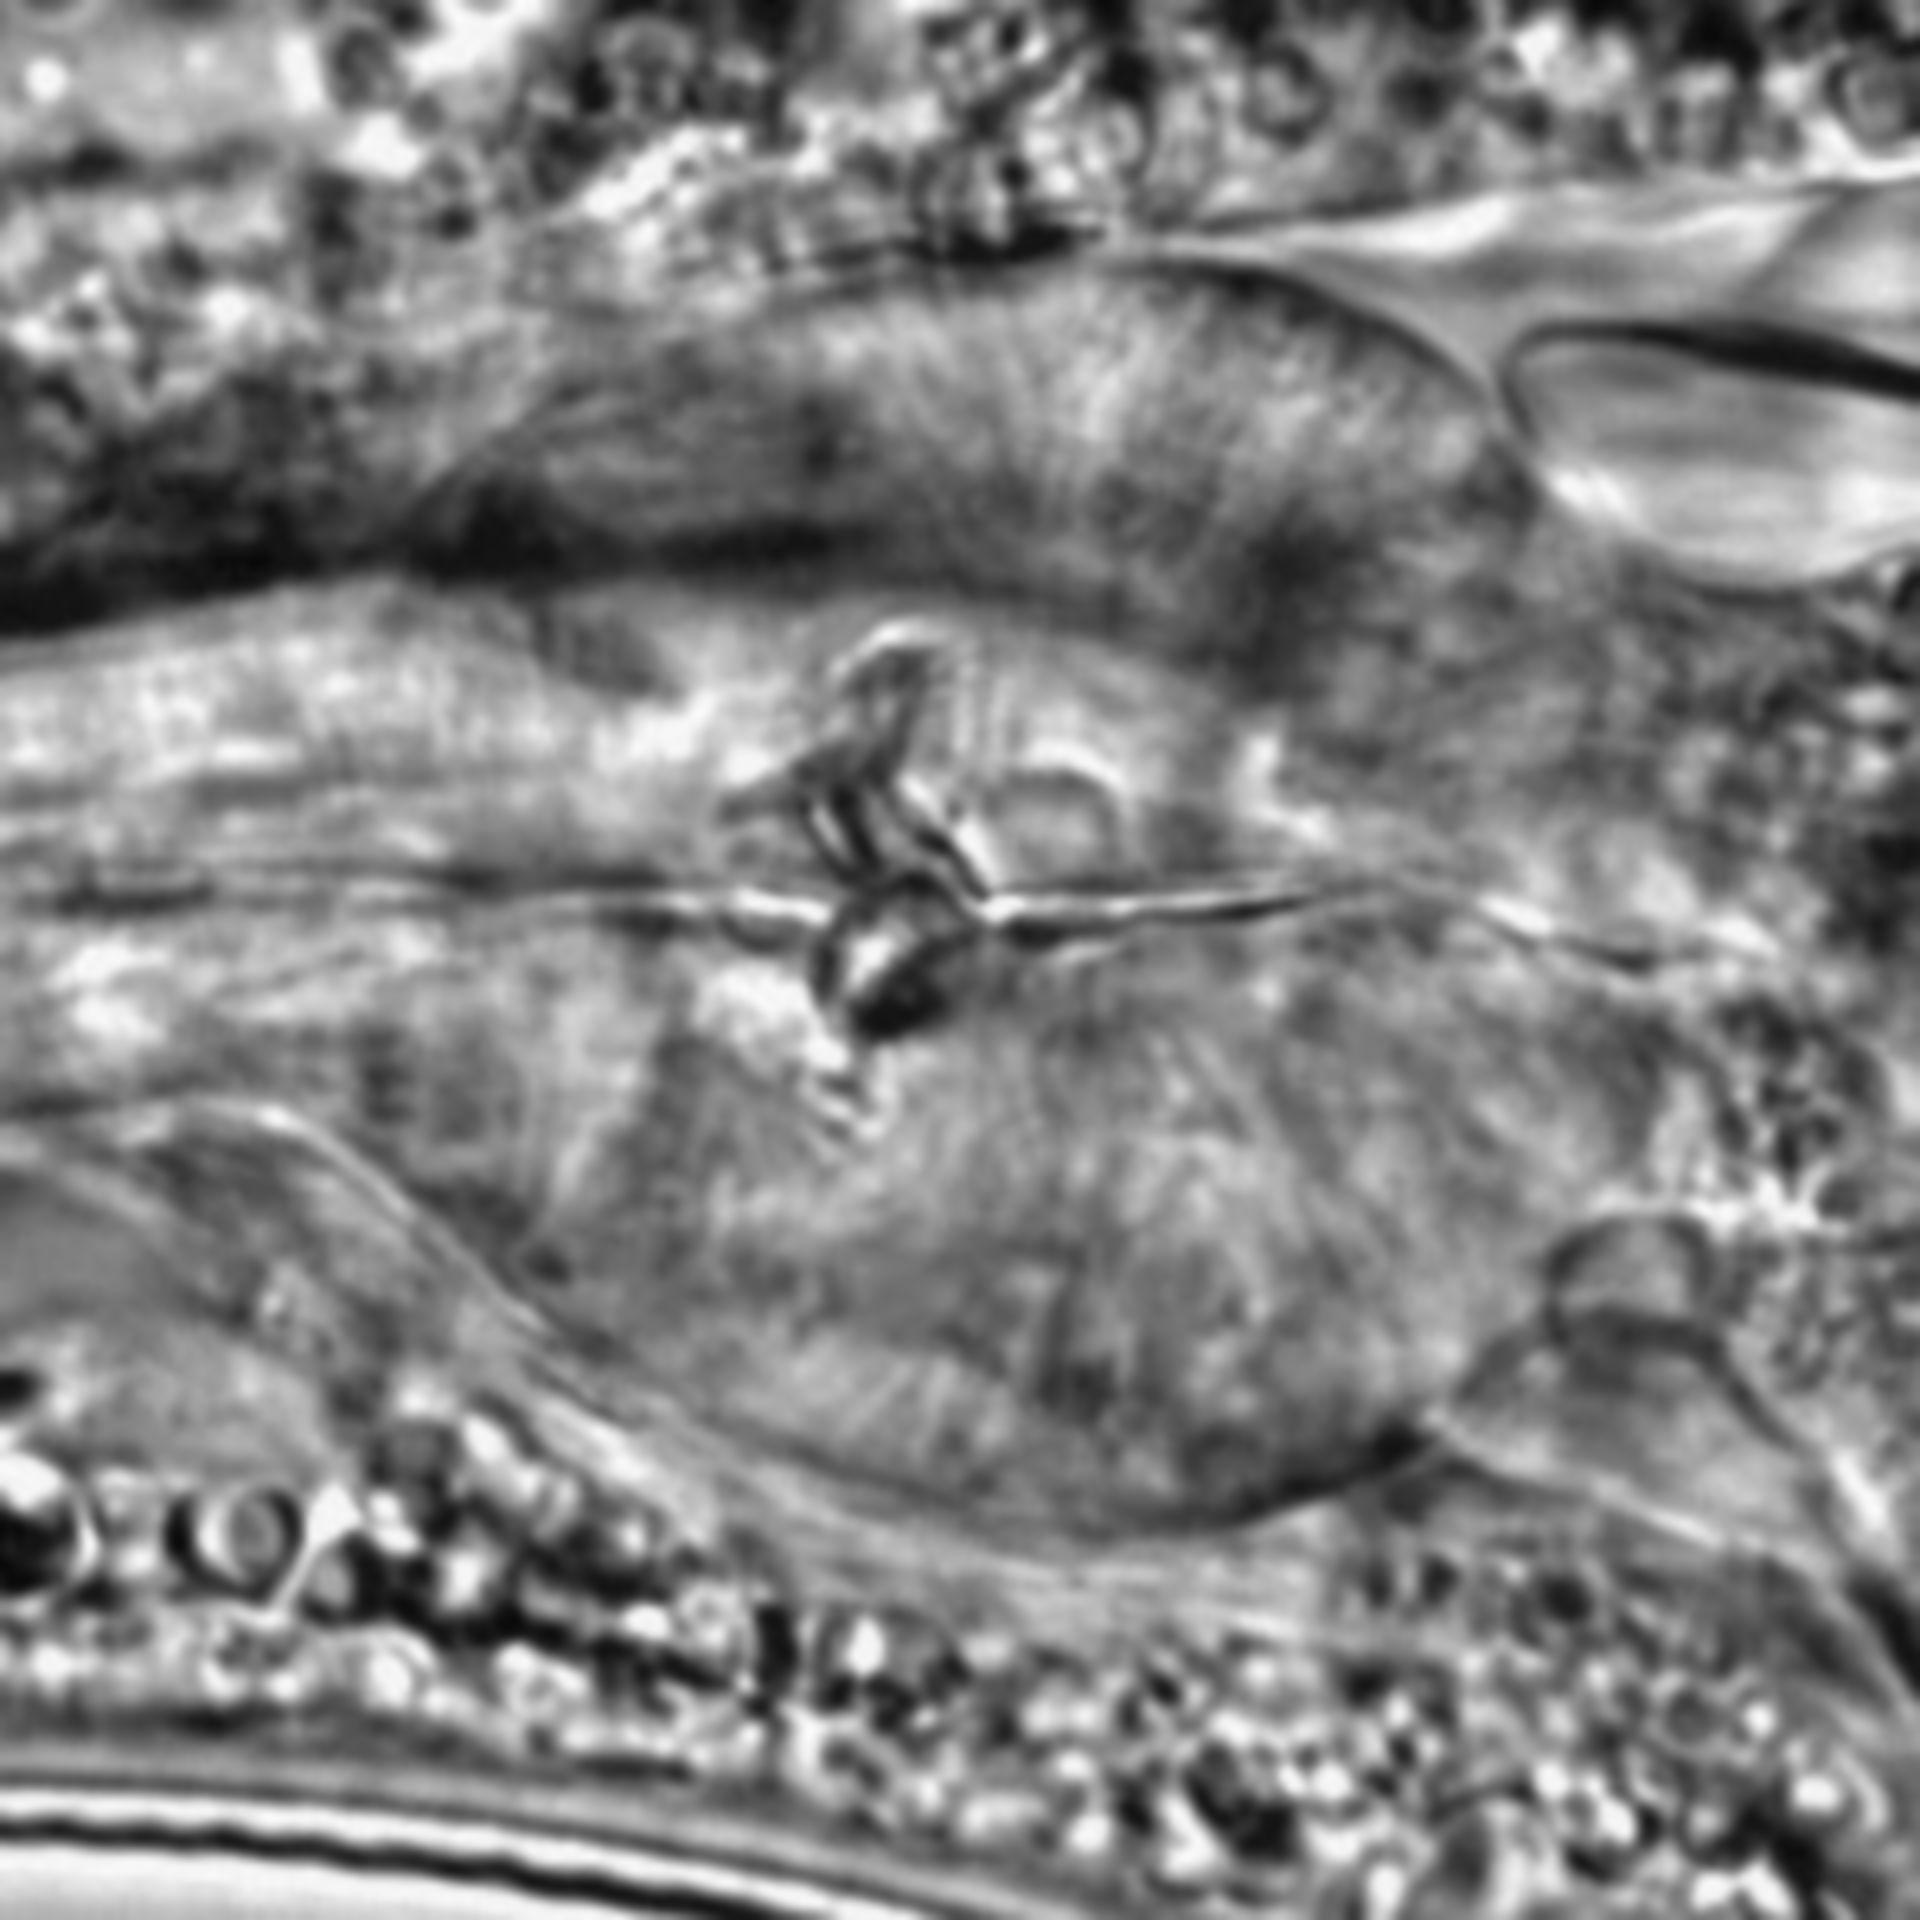 Caenorhabditis elegans - CIL:1779